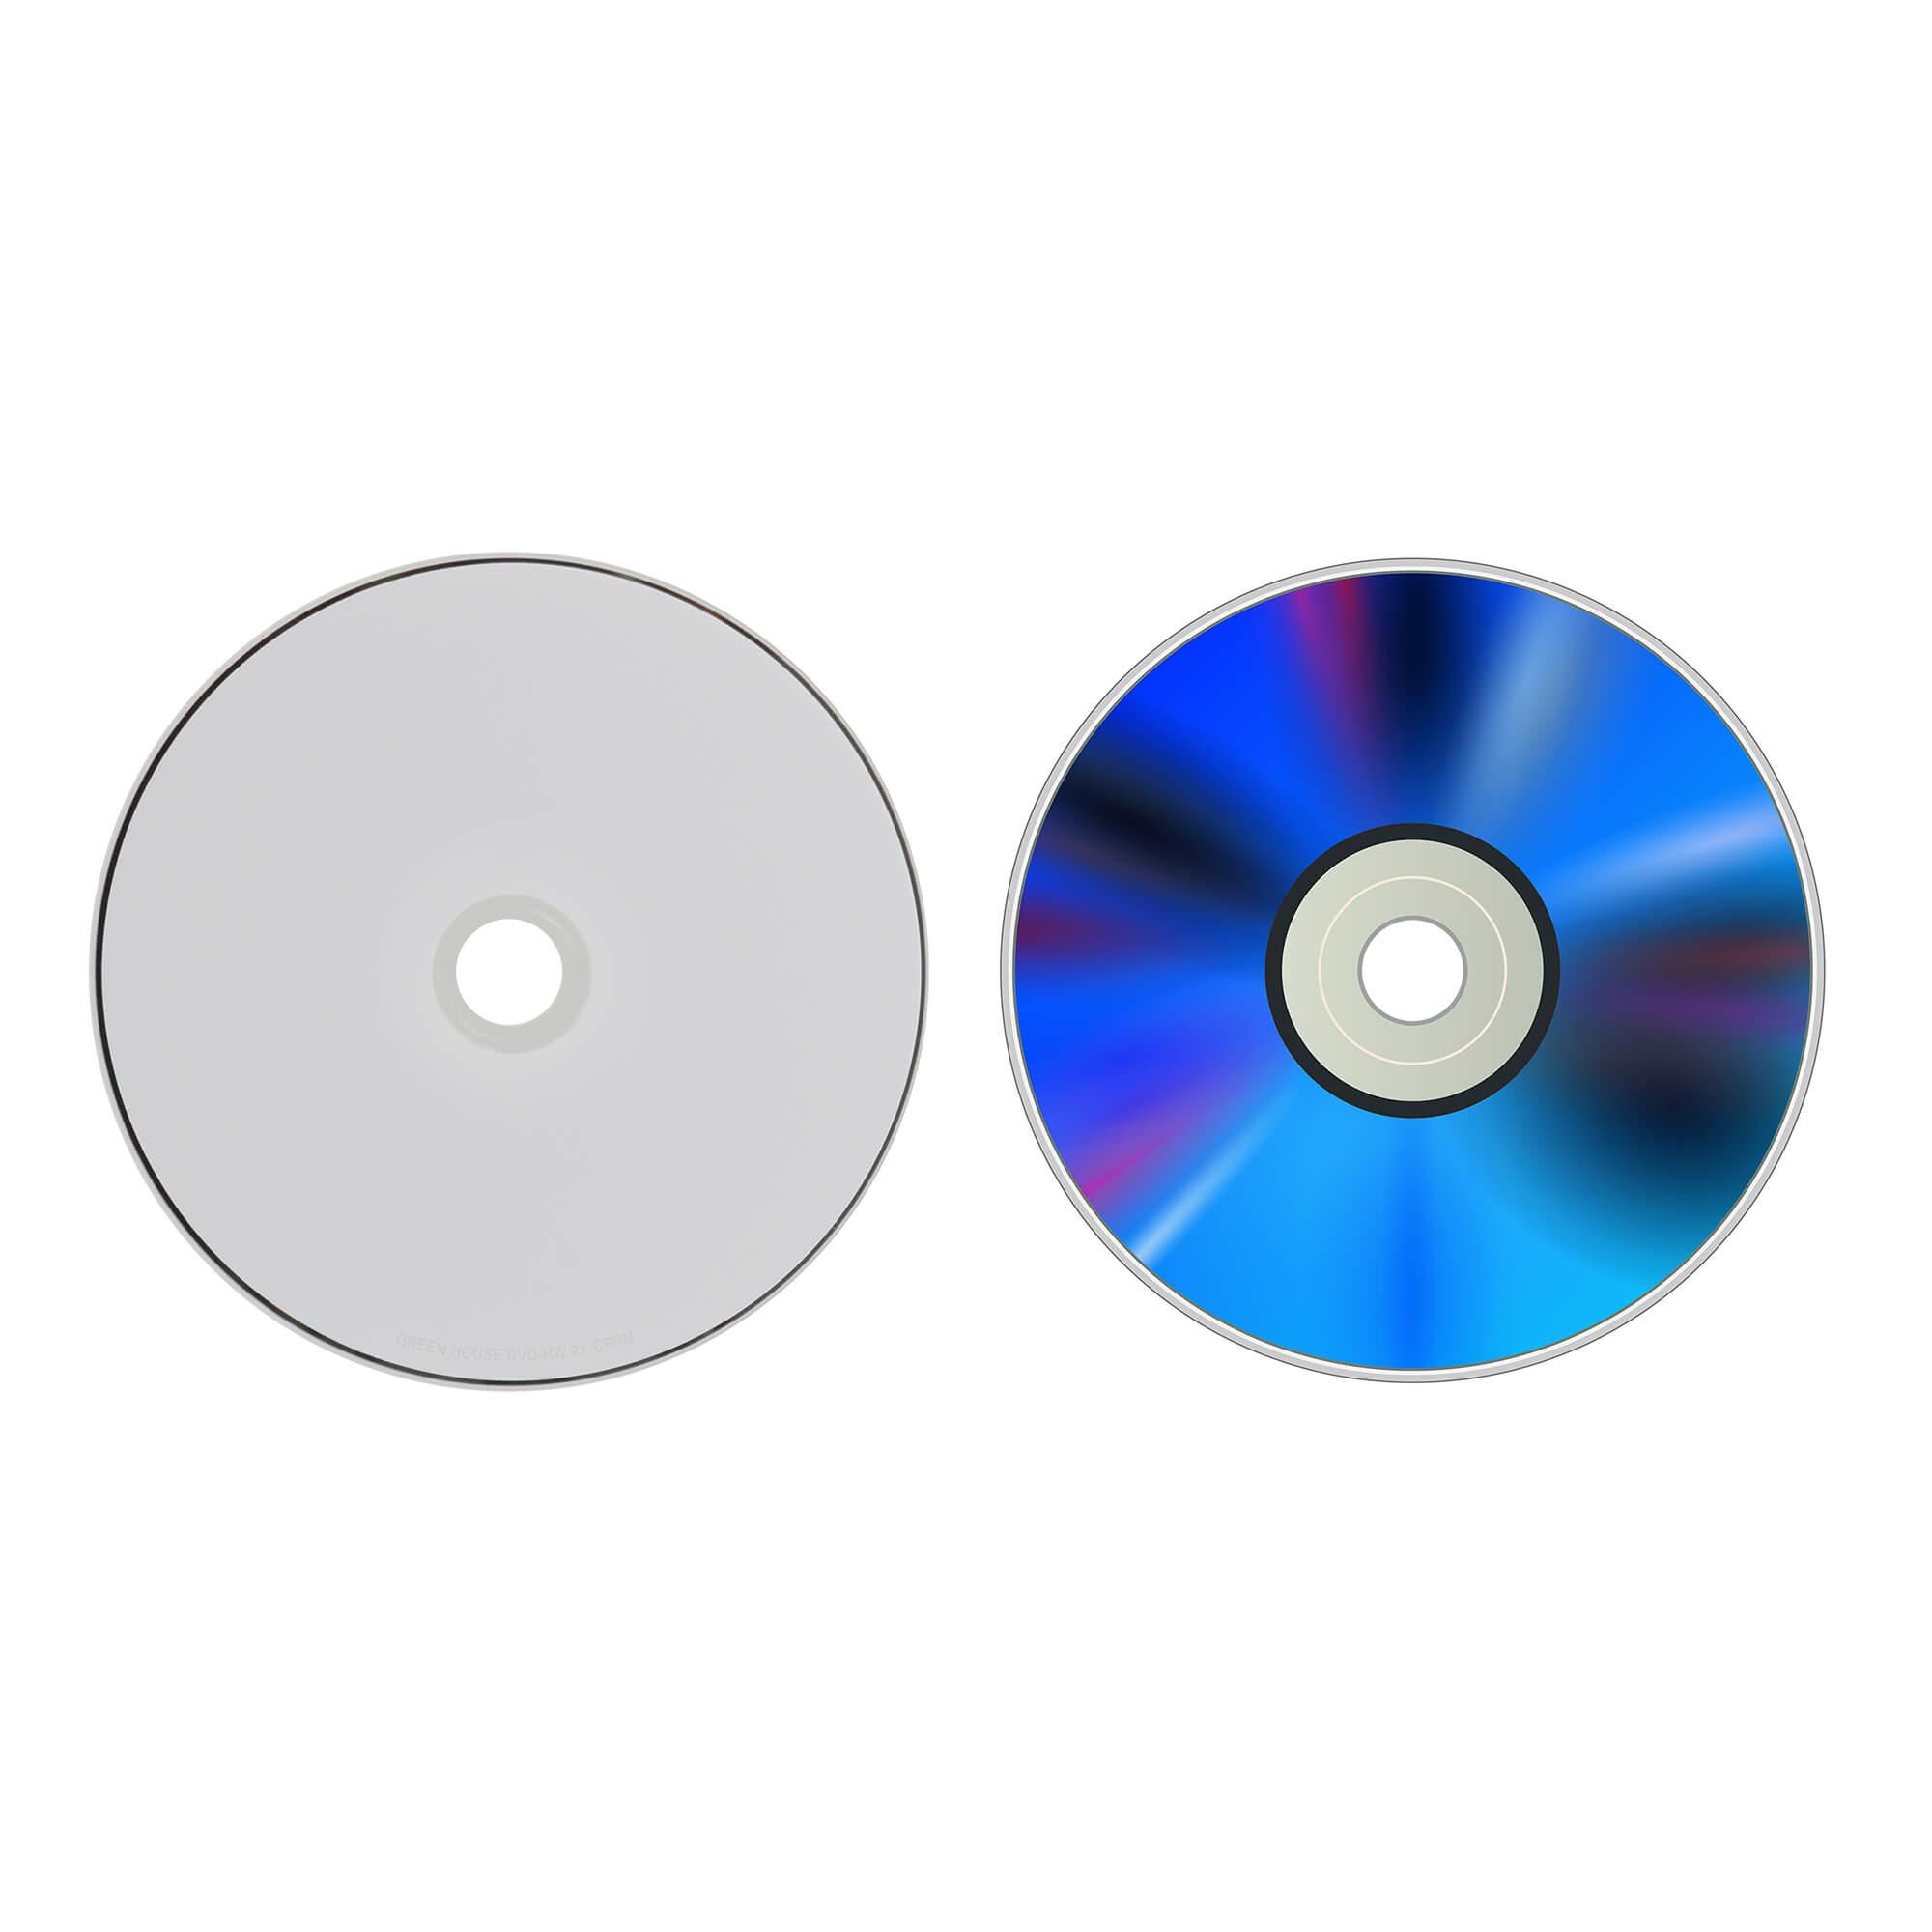 GH-DVDRWCA10